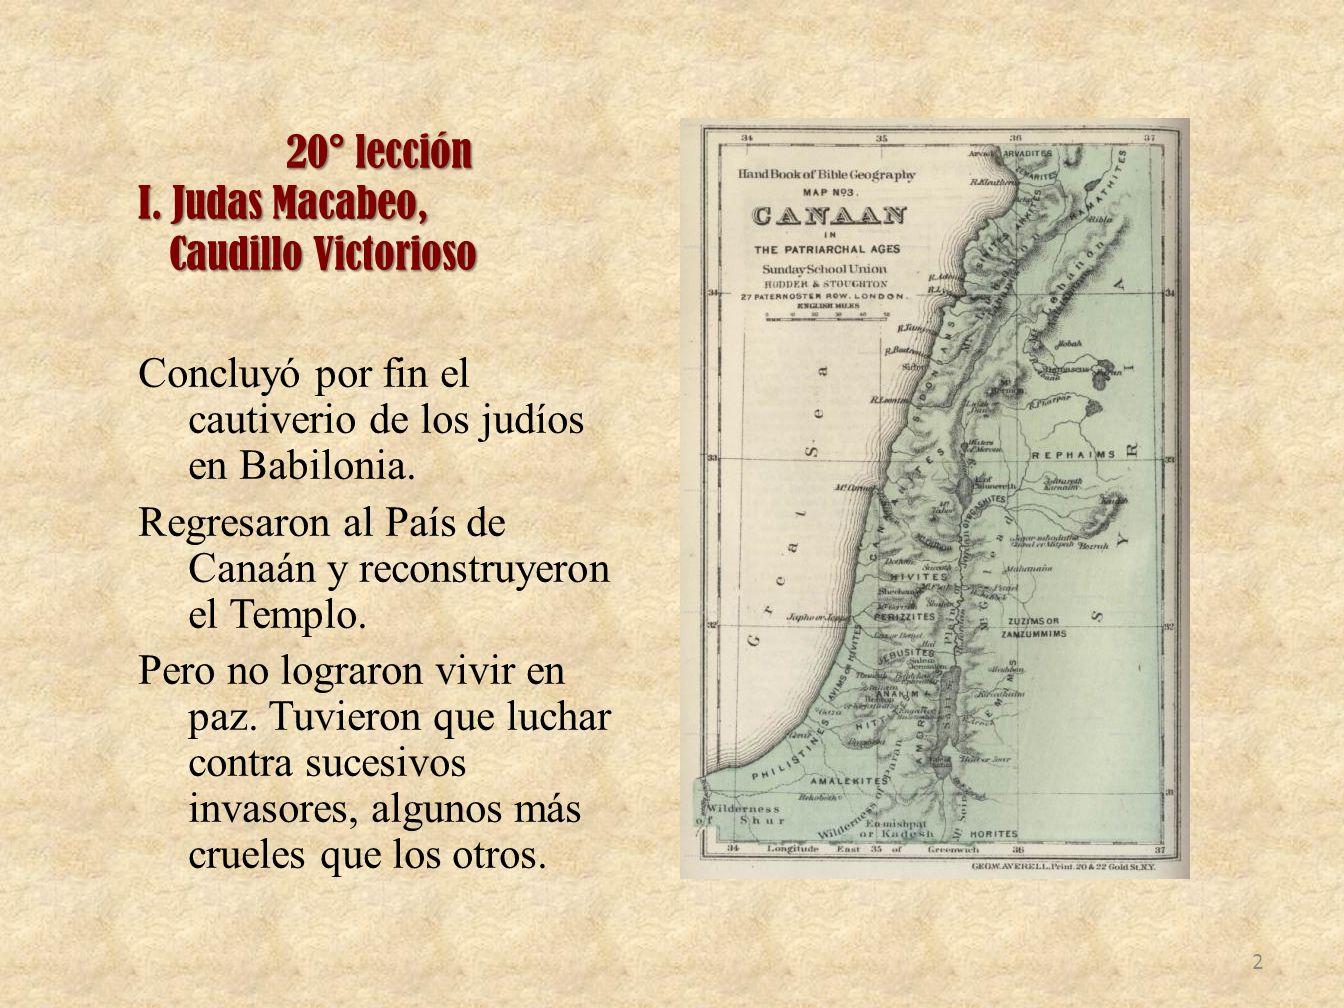 20° lección I. Judas Macabeo, Caudillo Victorioso Caudillo Victorioso Concluyó por fin el cautiverio de los judíos en Babilonia. Regresaron al País de